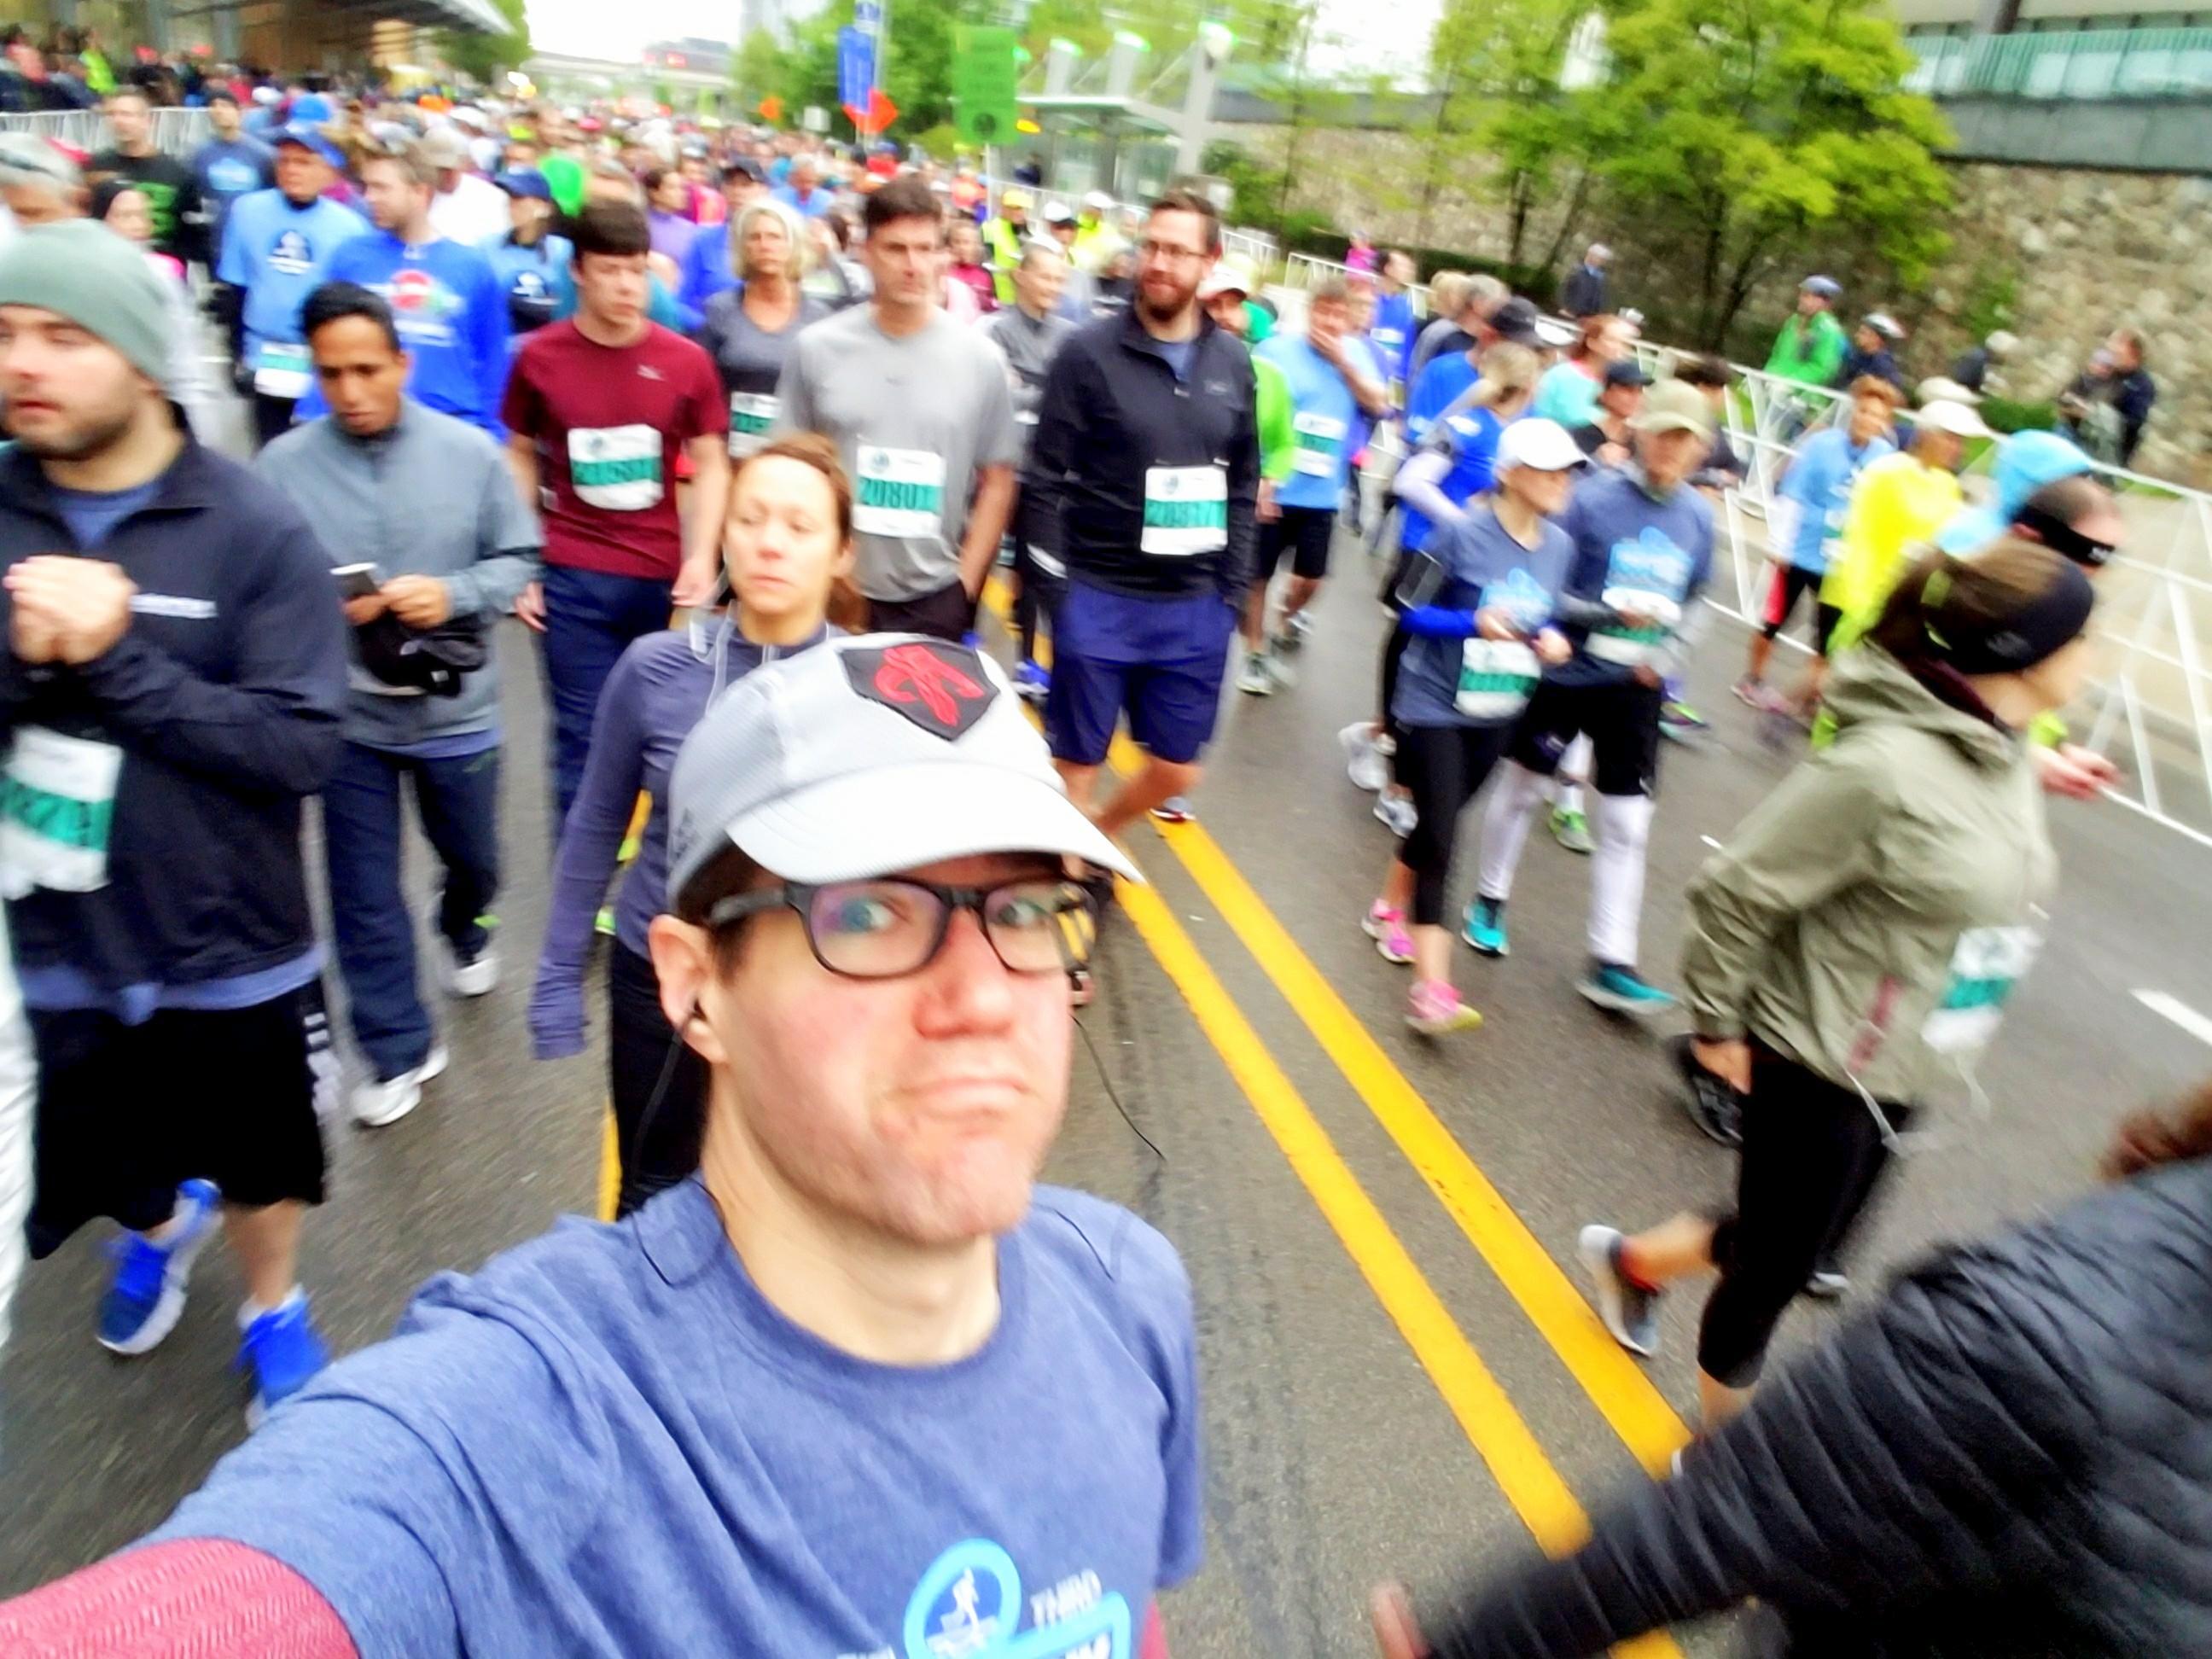 River Bank Run 10K 2018